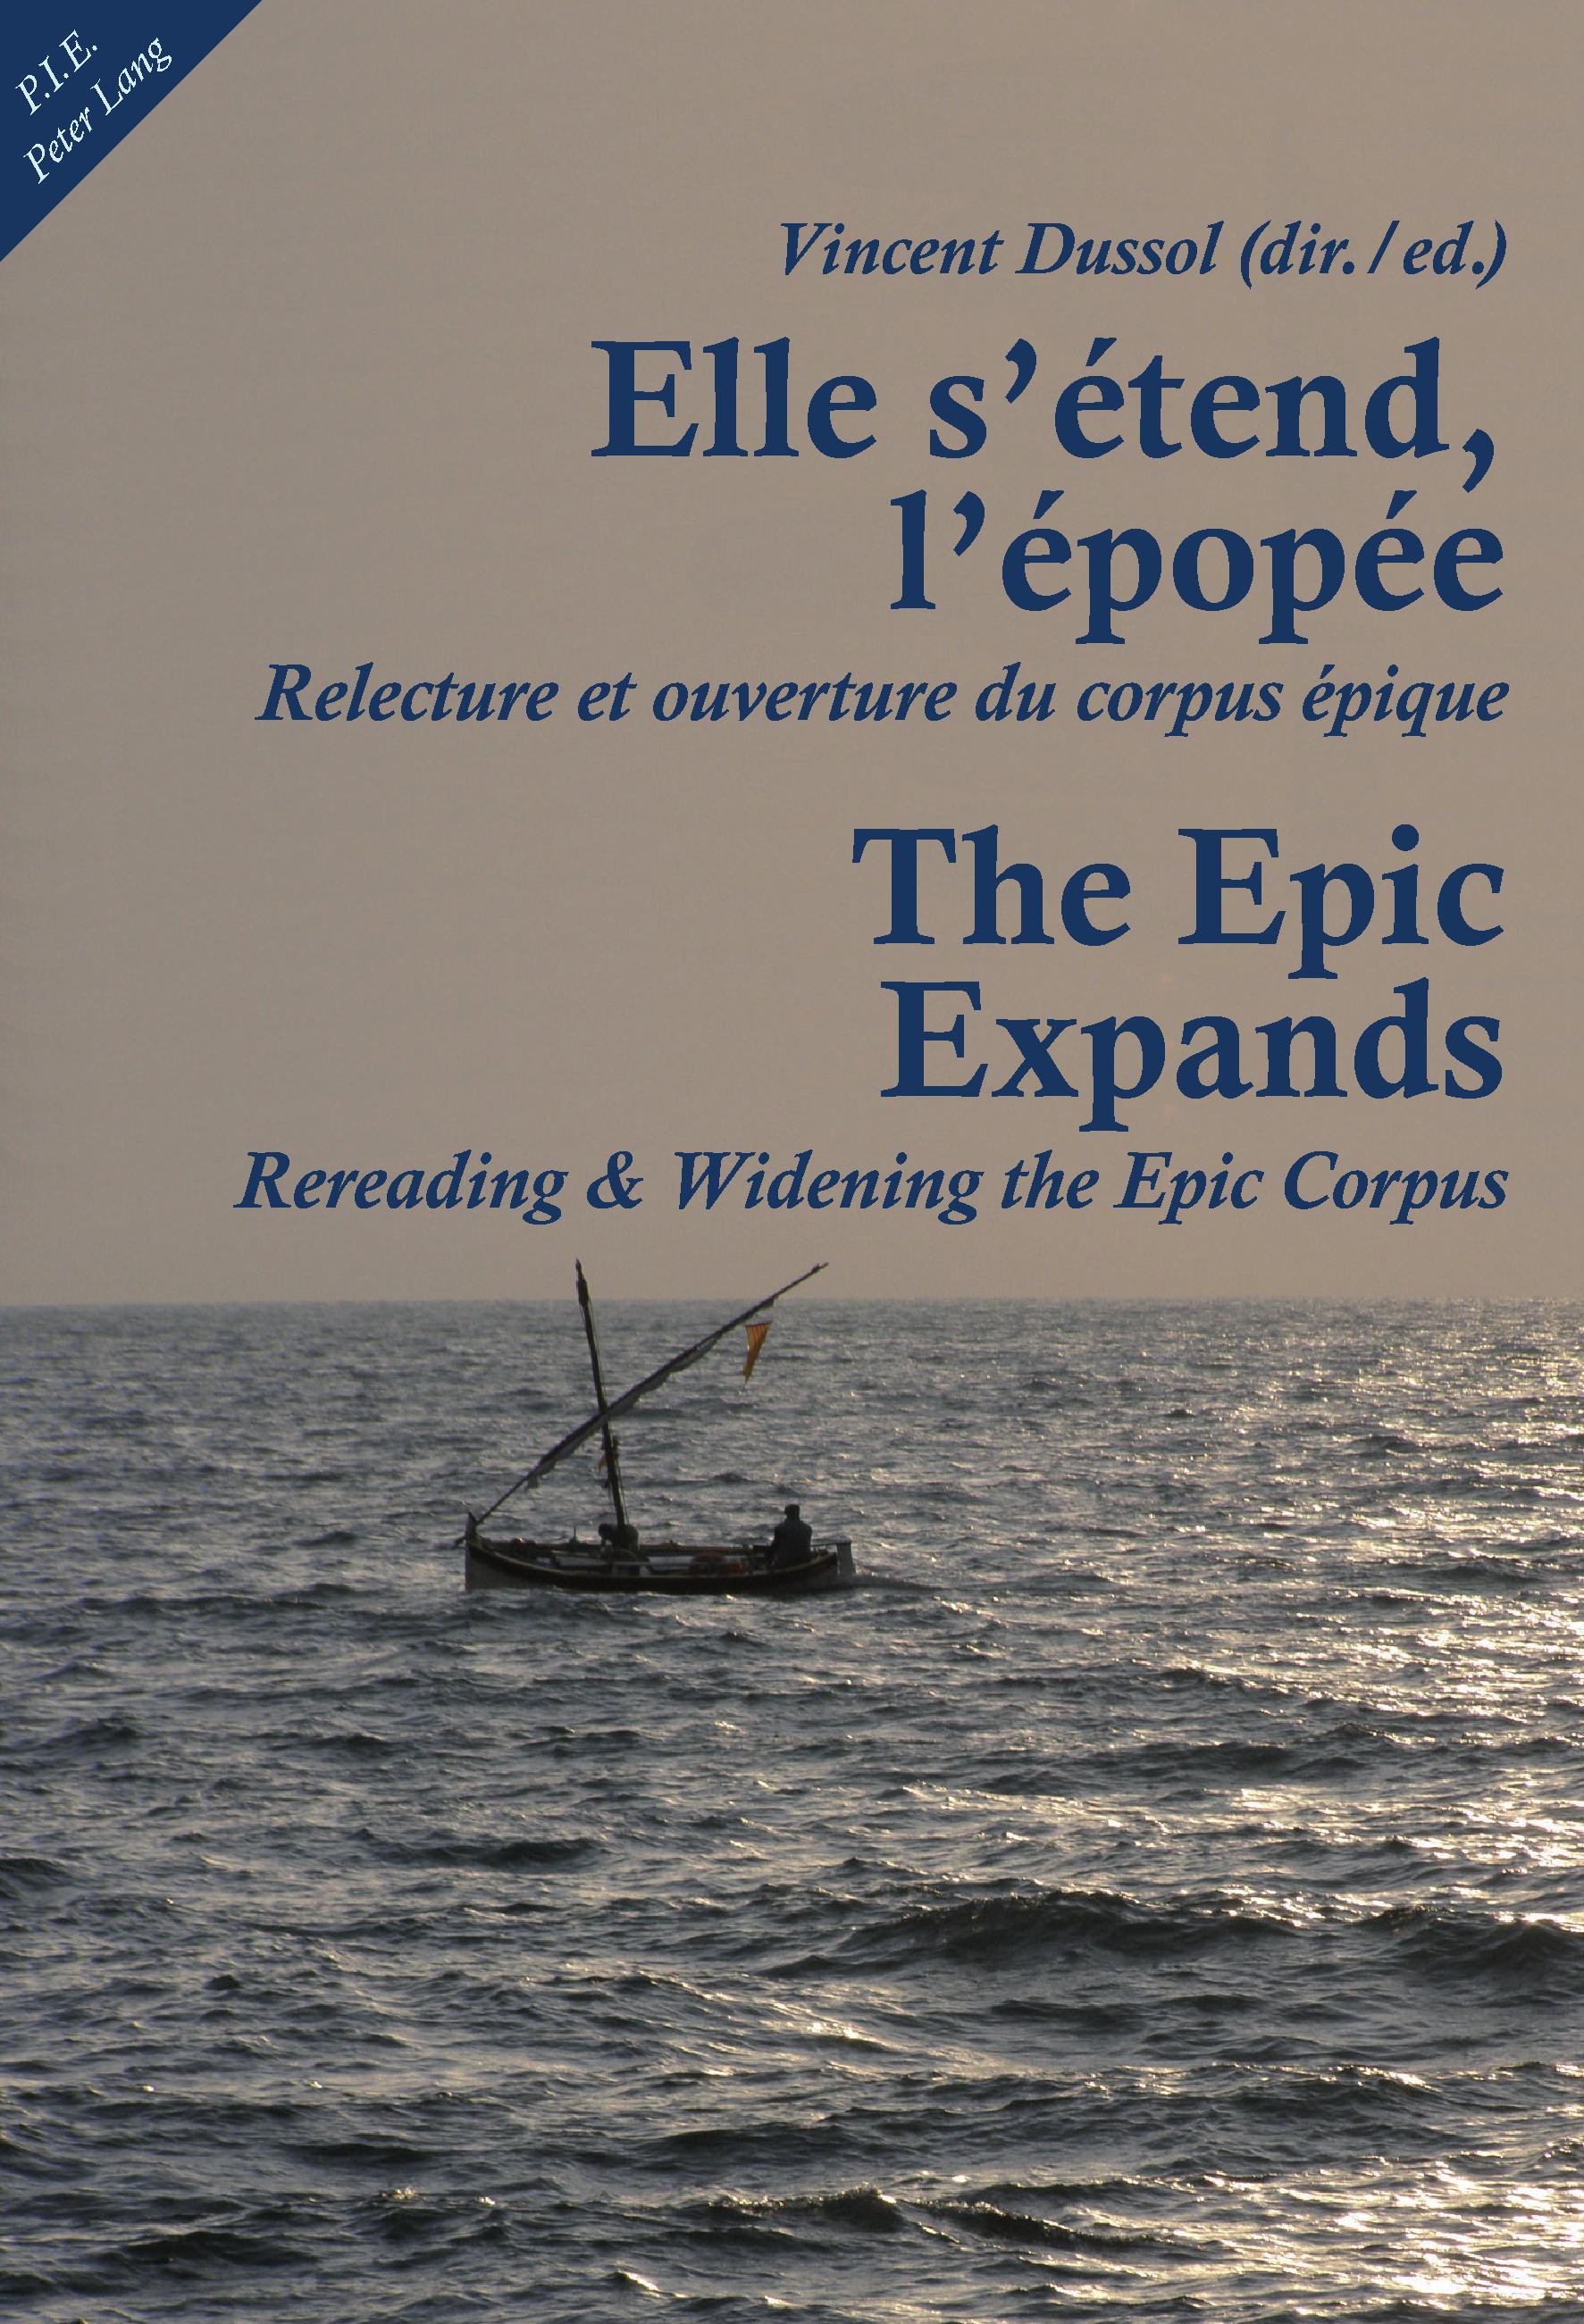 ELLE S'ETEND L'EPOPEE/THE EPICS EXPANDS